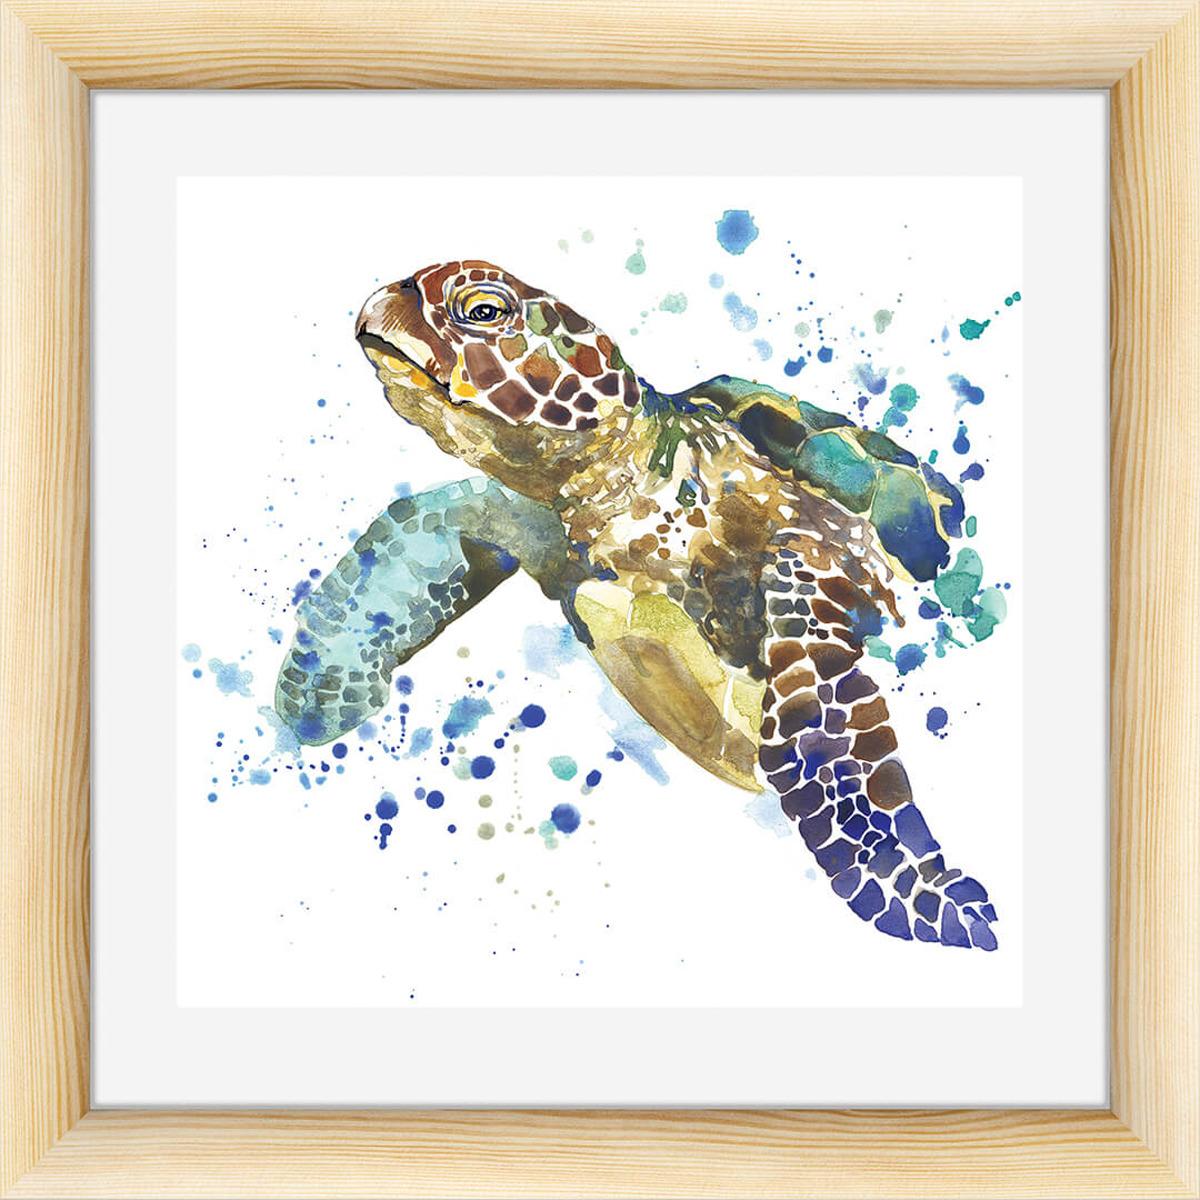 Картина Postermarket Черепаха, 40 х 40 см картина postermarket морской конек 40 х 40 см